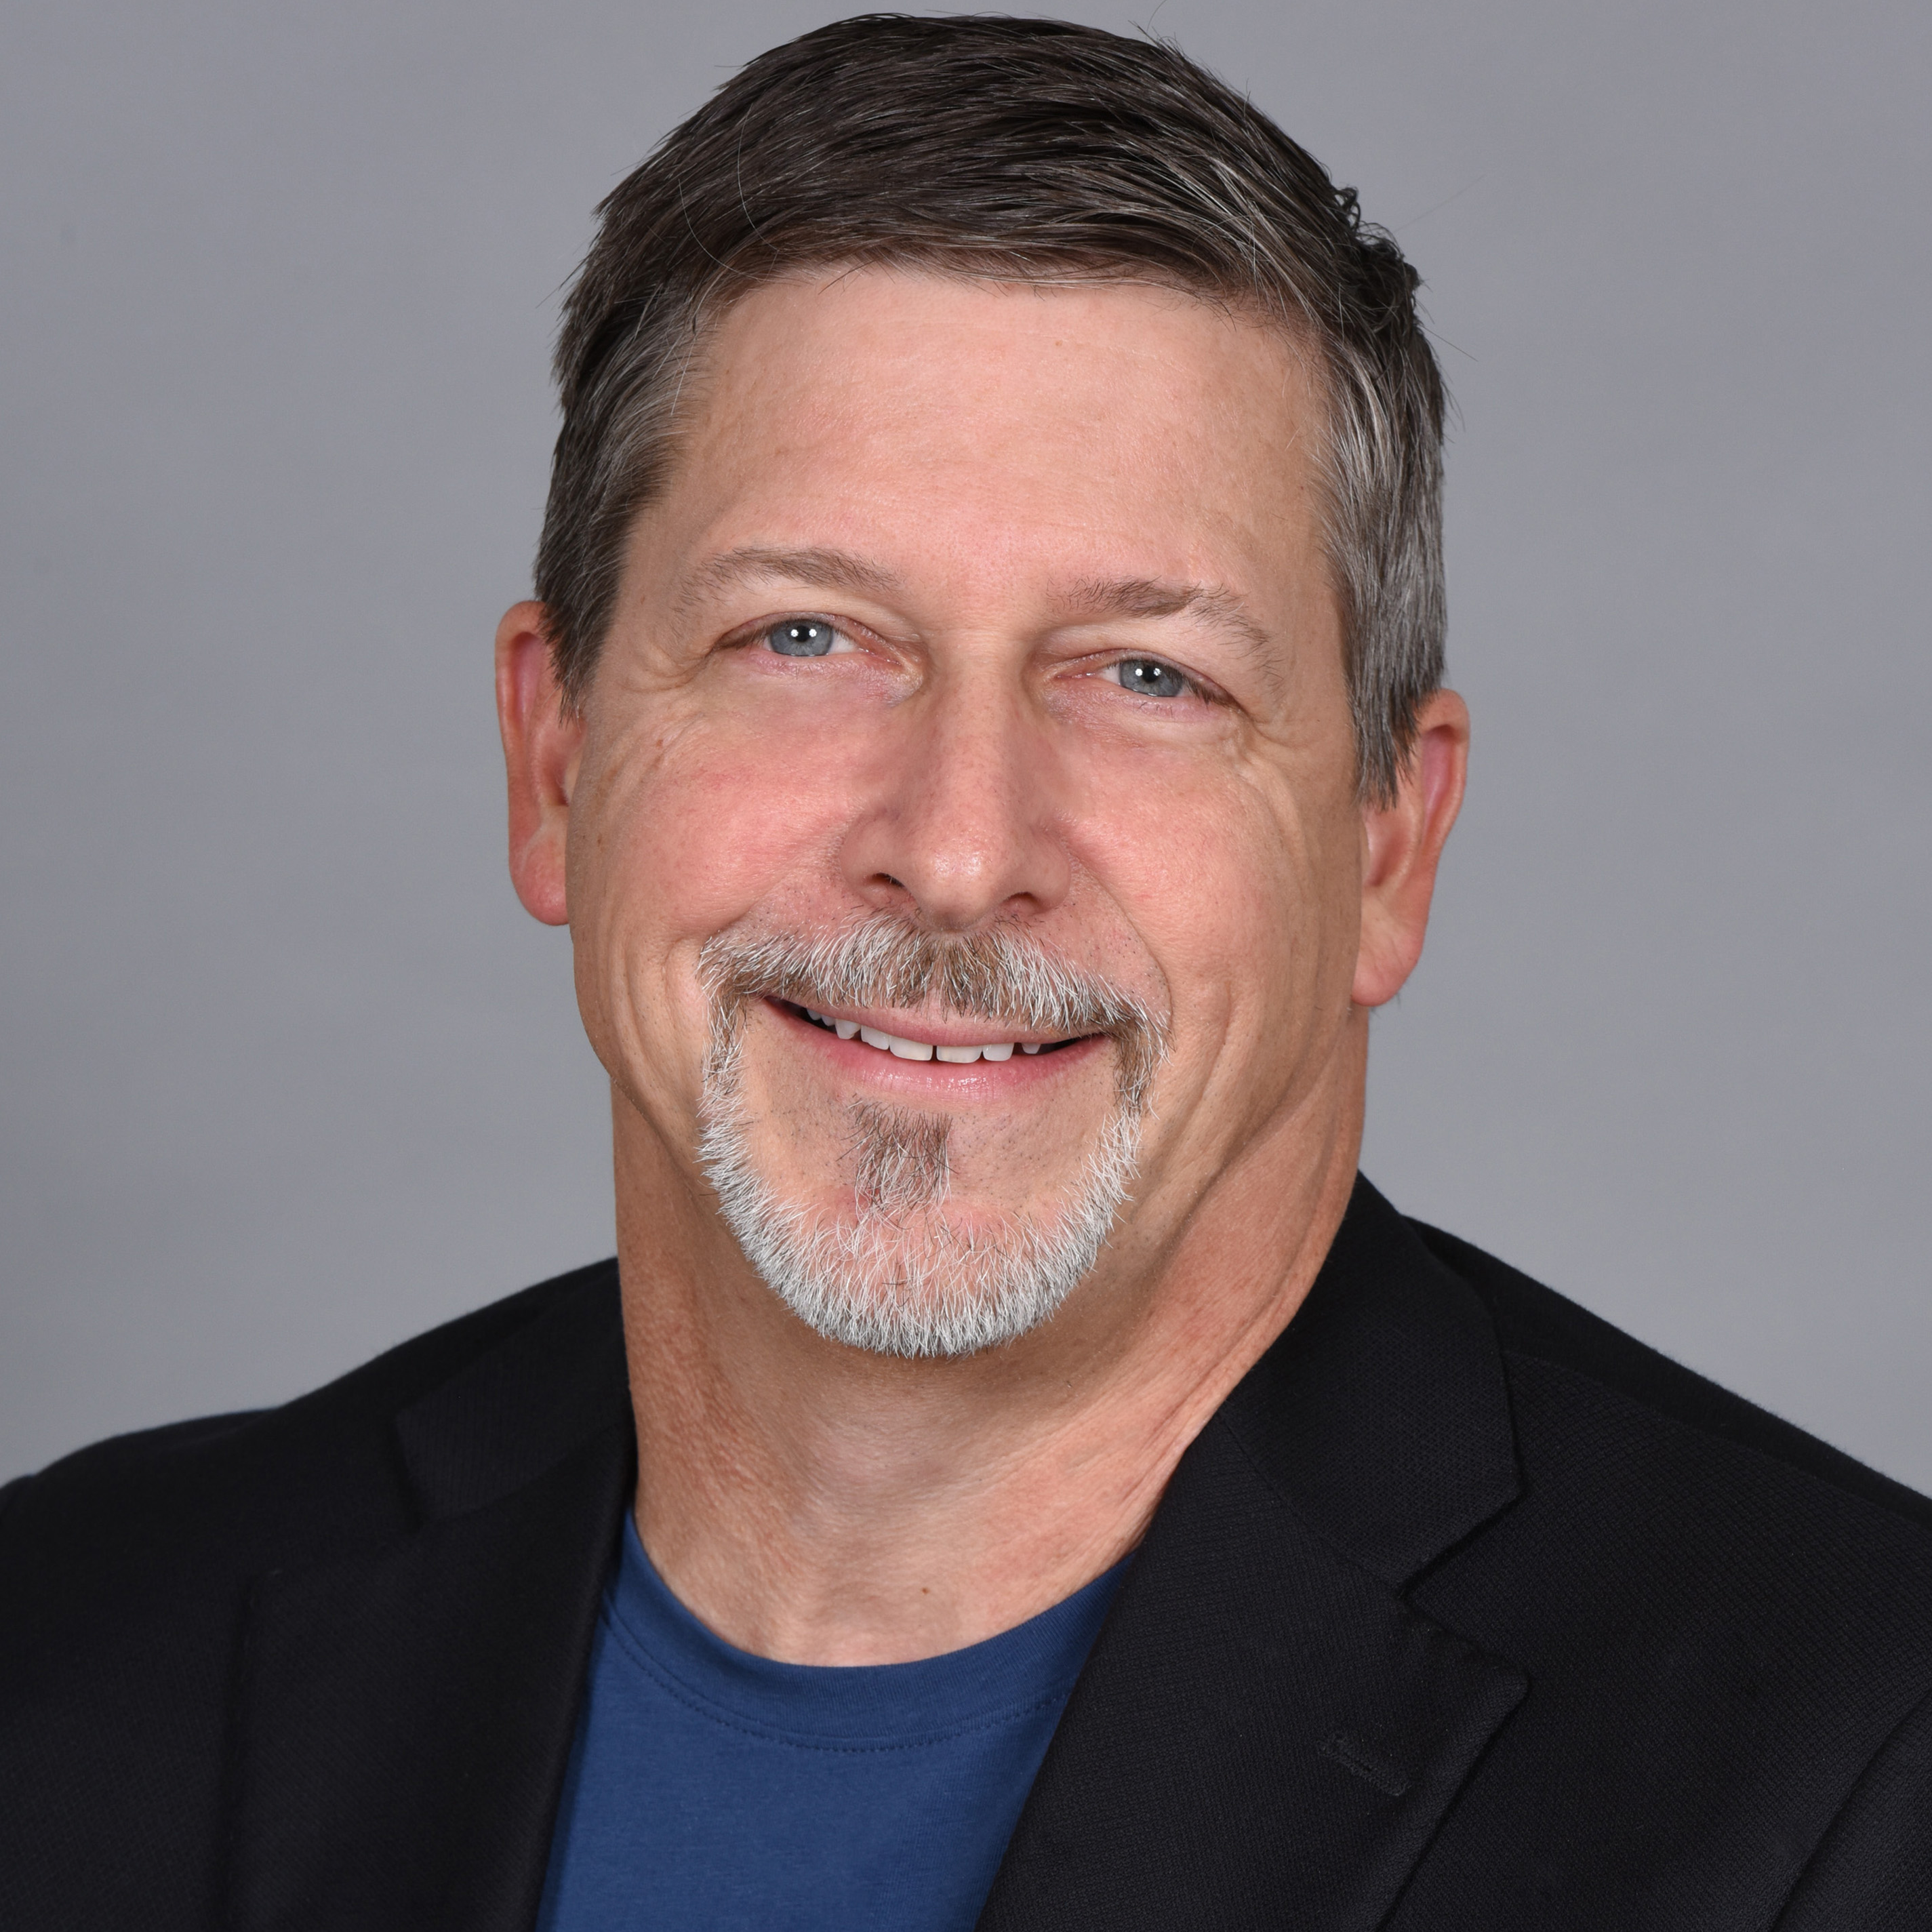 Mitch Dornich